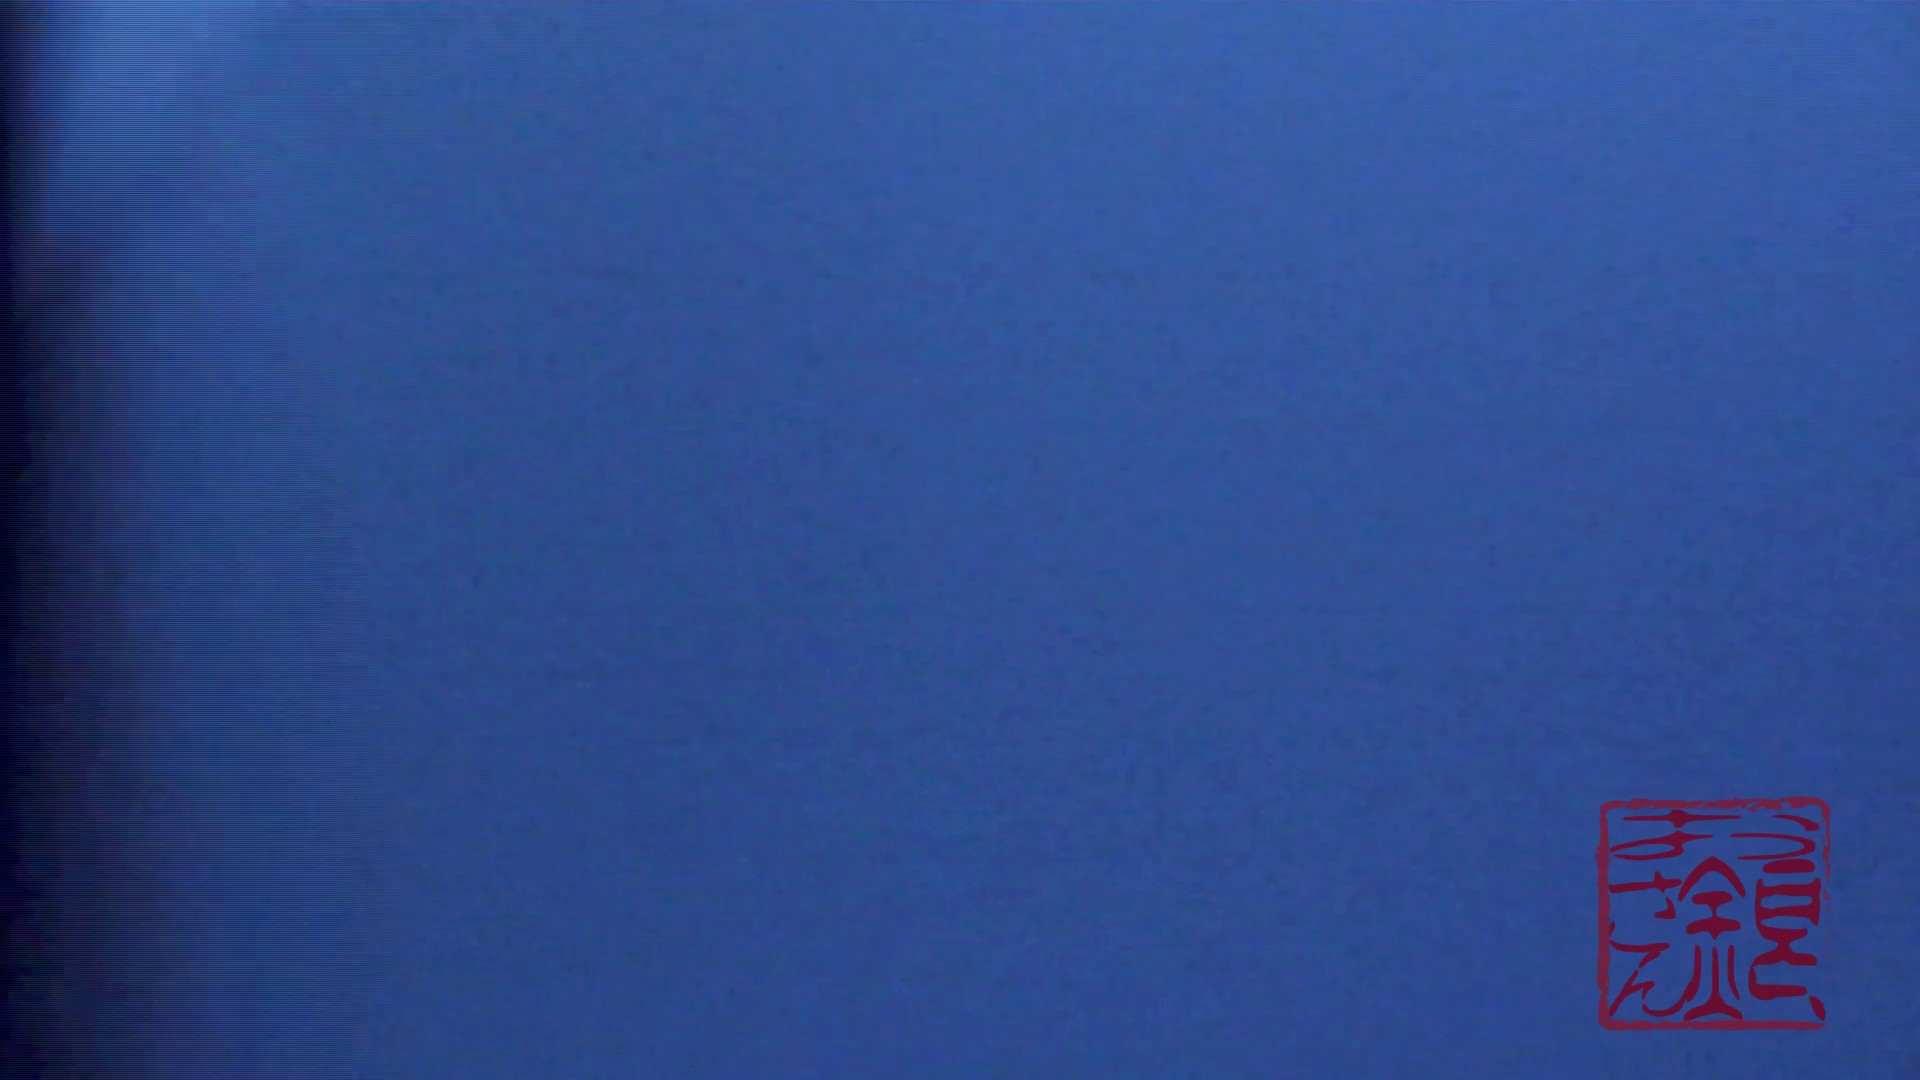 お銀 vol.81 必見!久々の美女!そして(・。・; 洗面所シーン アダルト動画キャプチャ 39画像 5